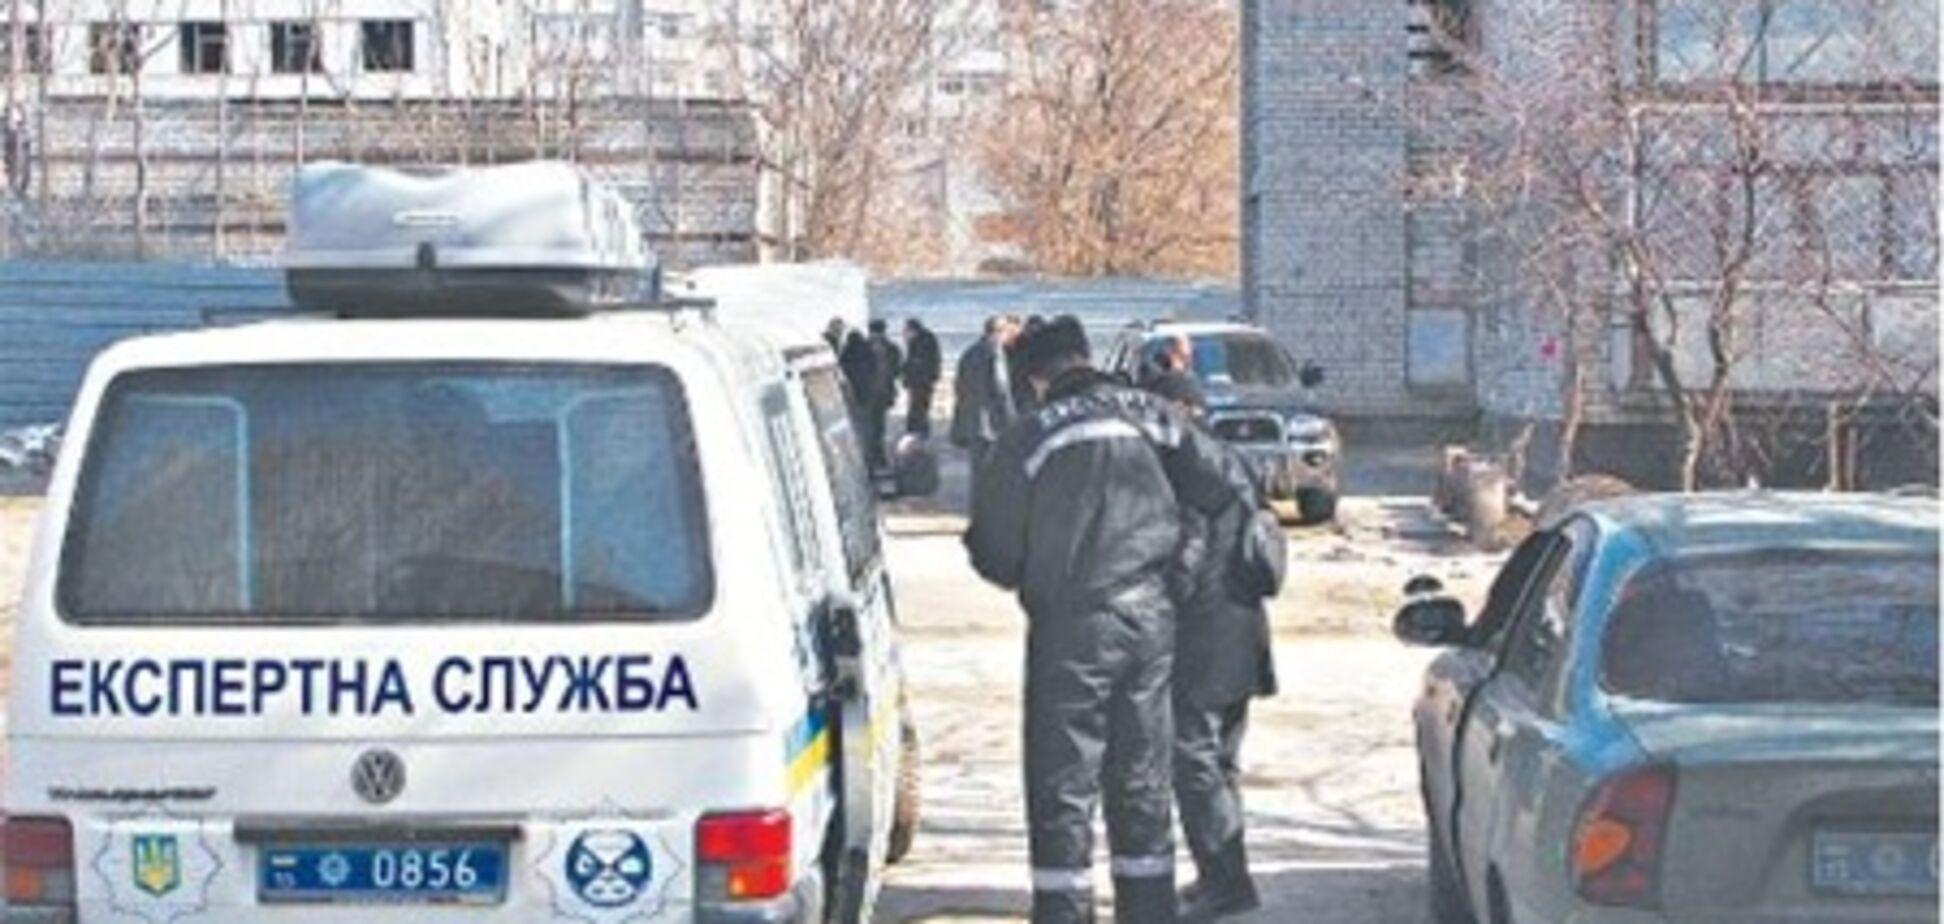 Авторитеты разослали приказ по всем тюрьмам: расправиться с николаевскими насильниками